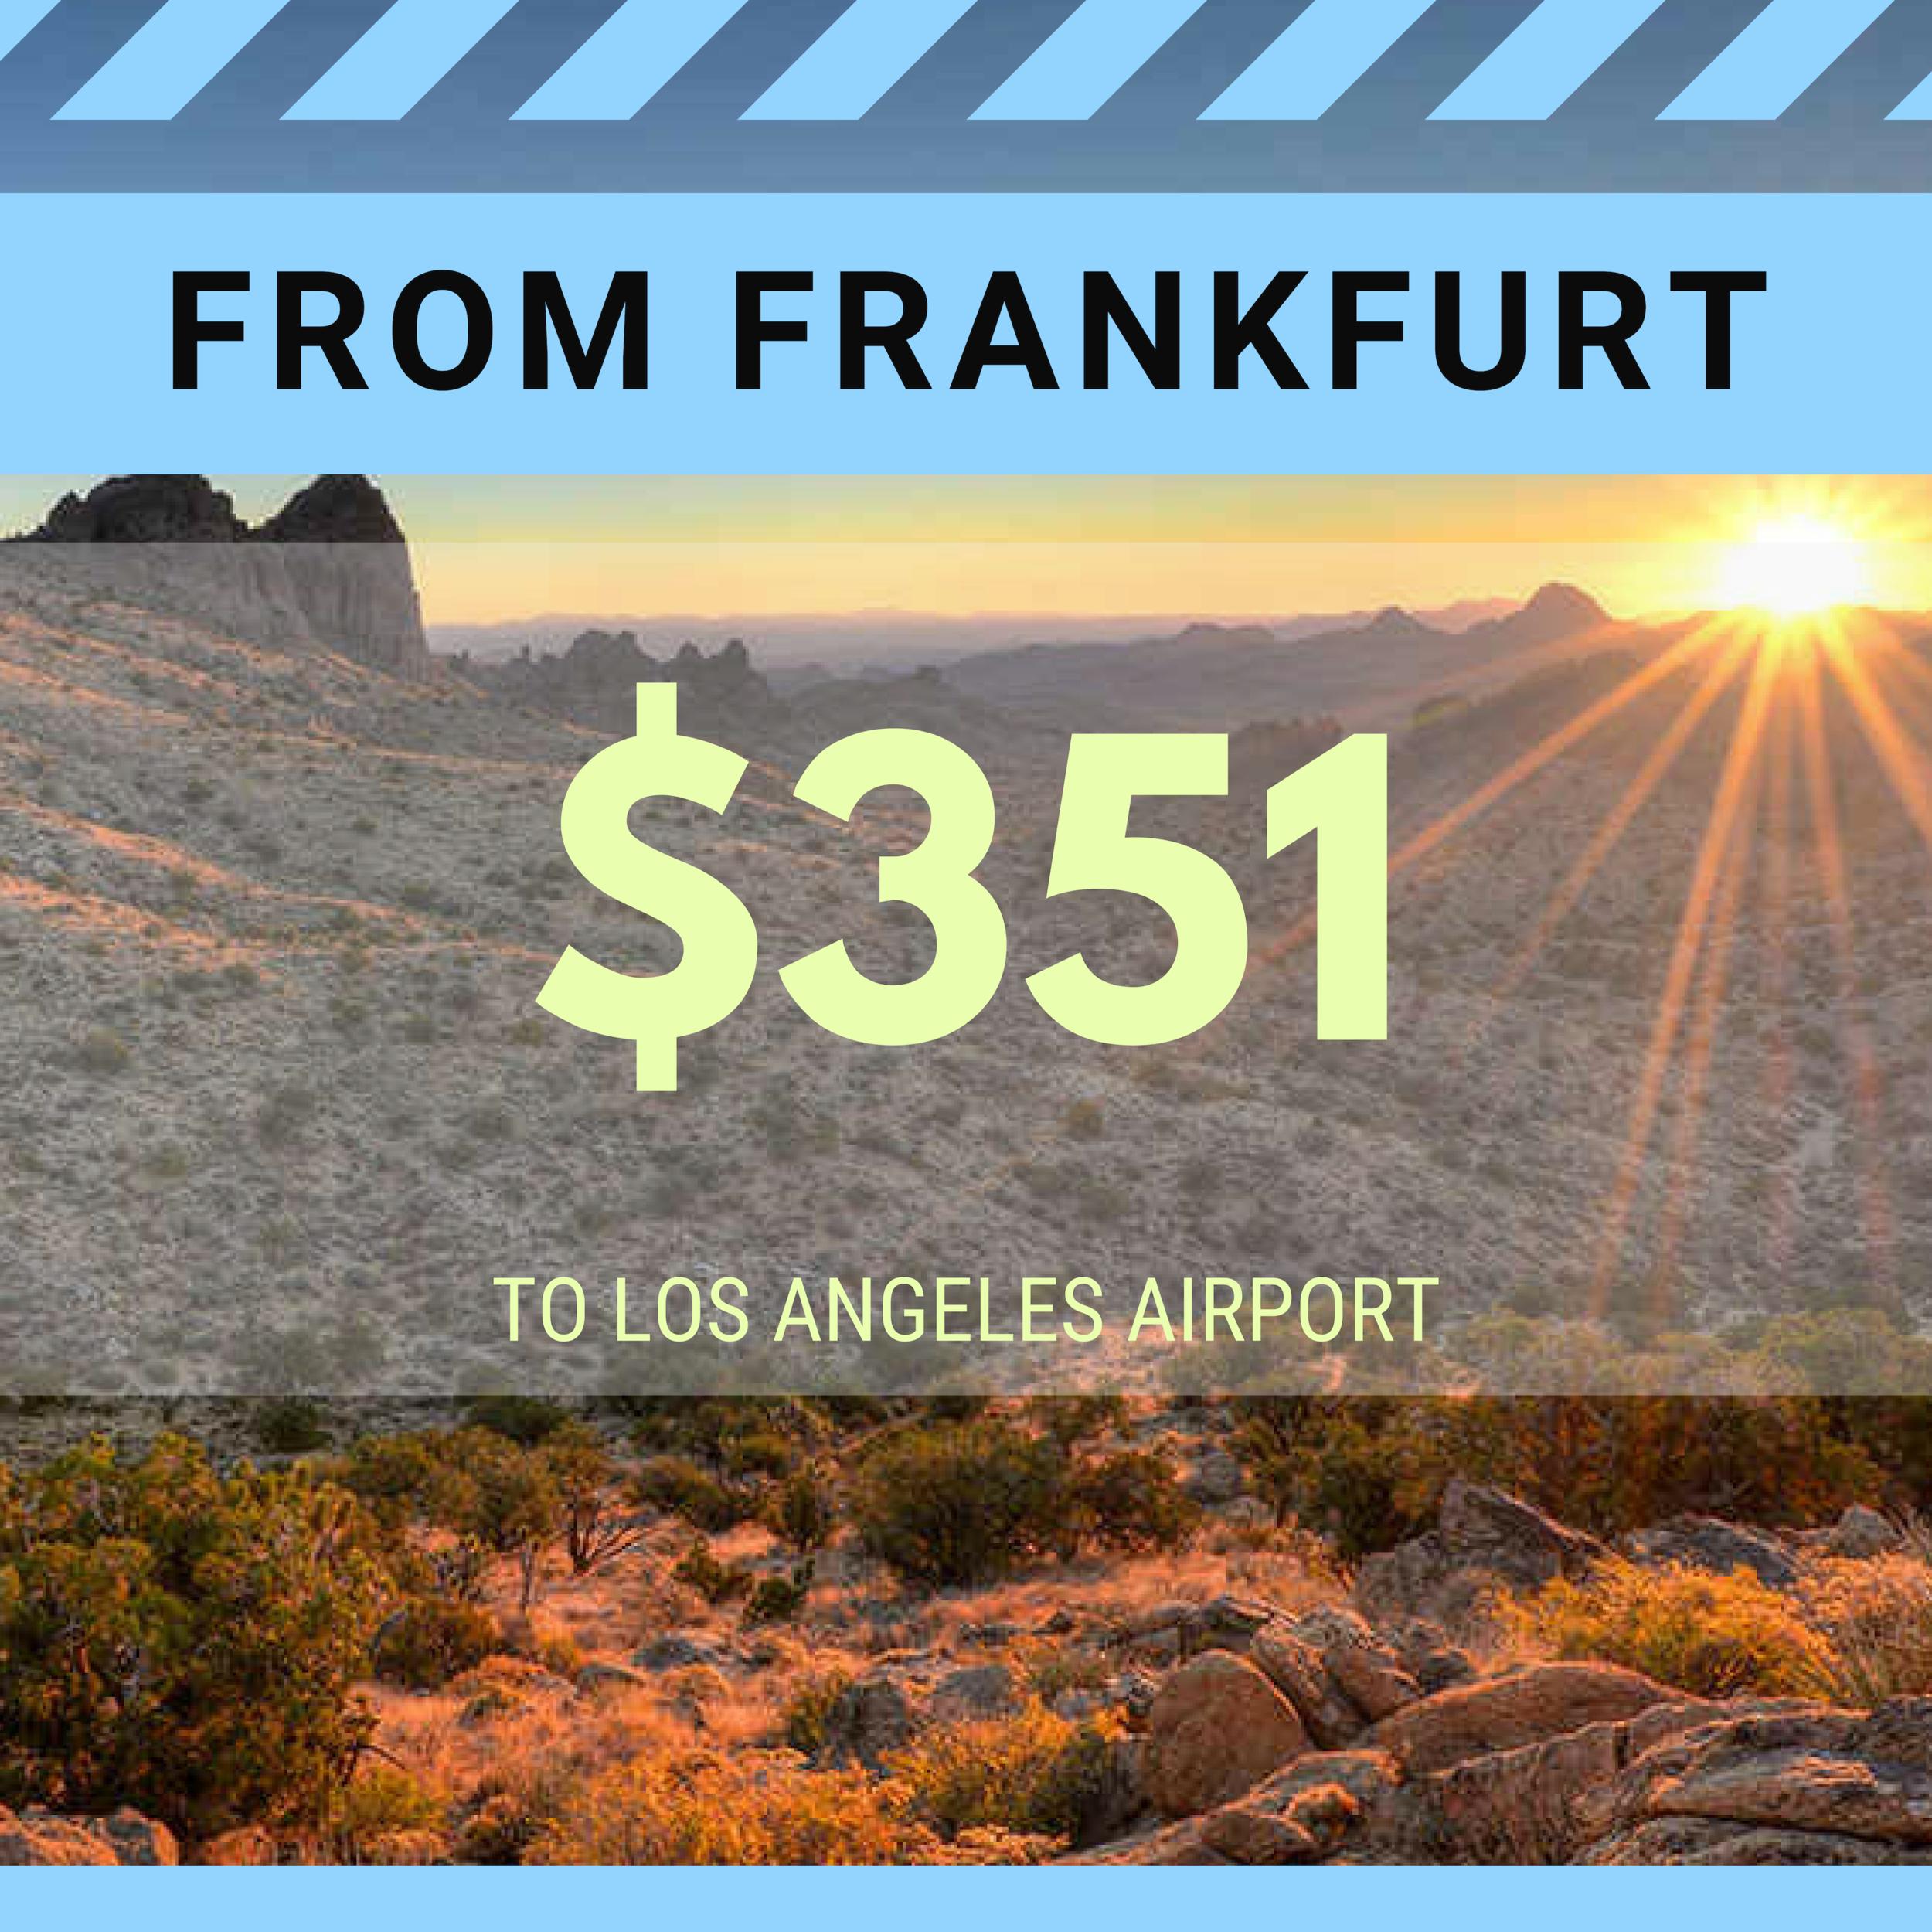 FROM FRANKFURT TO LAX